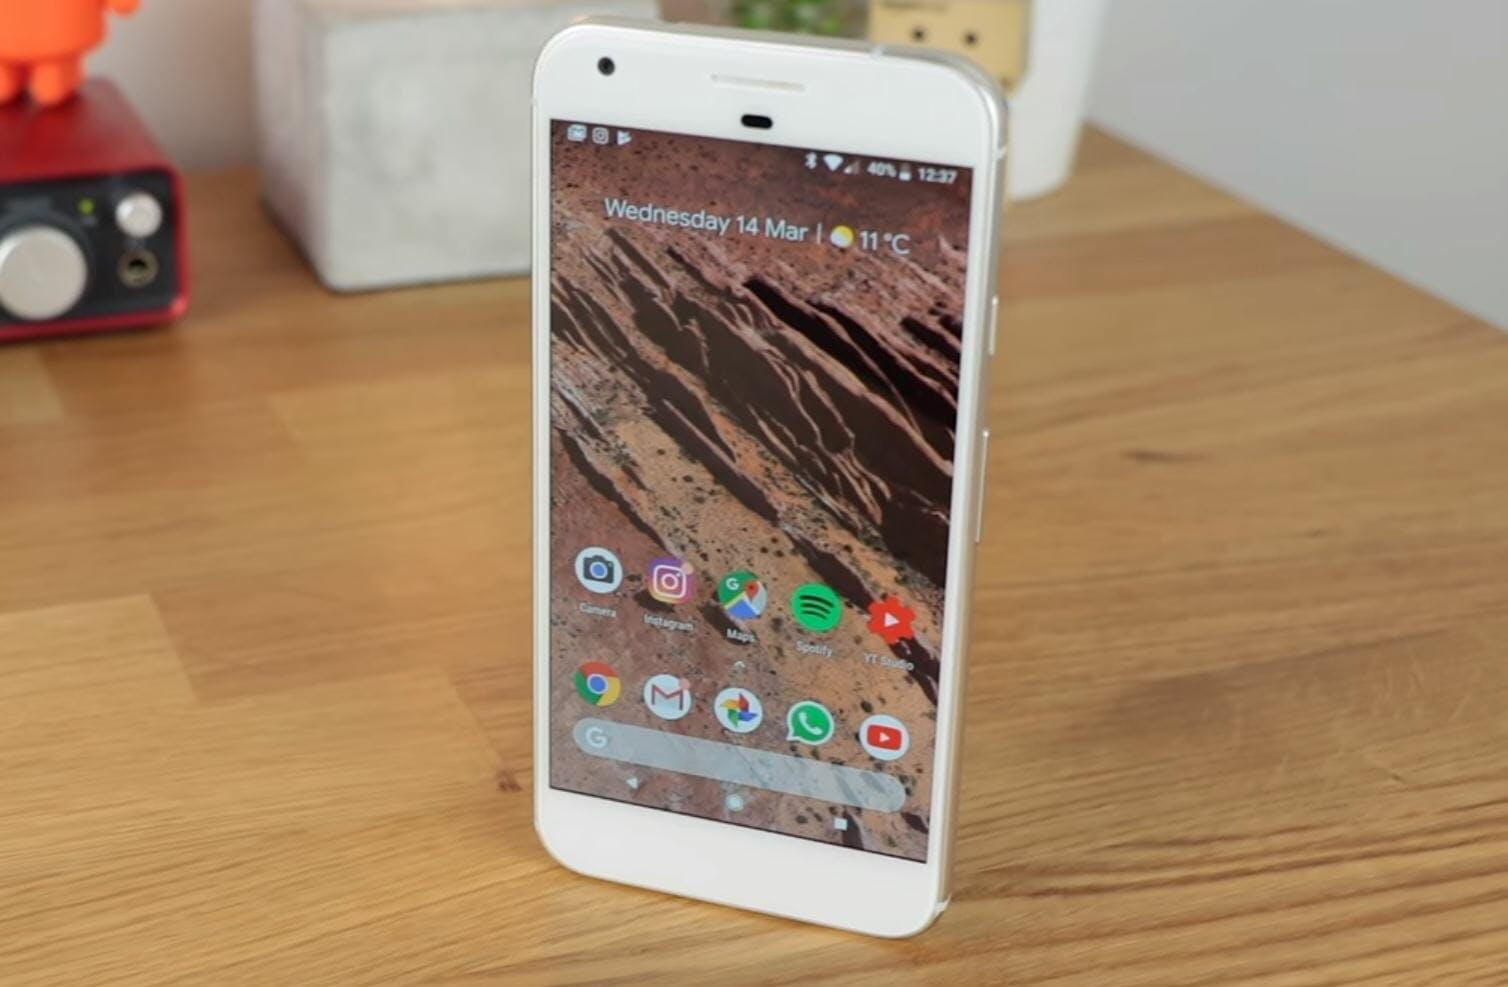 project fi phones - google pixel xl smartphone